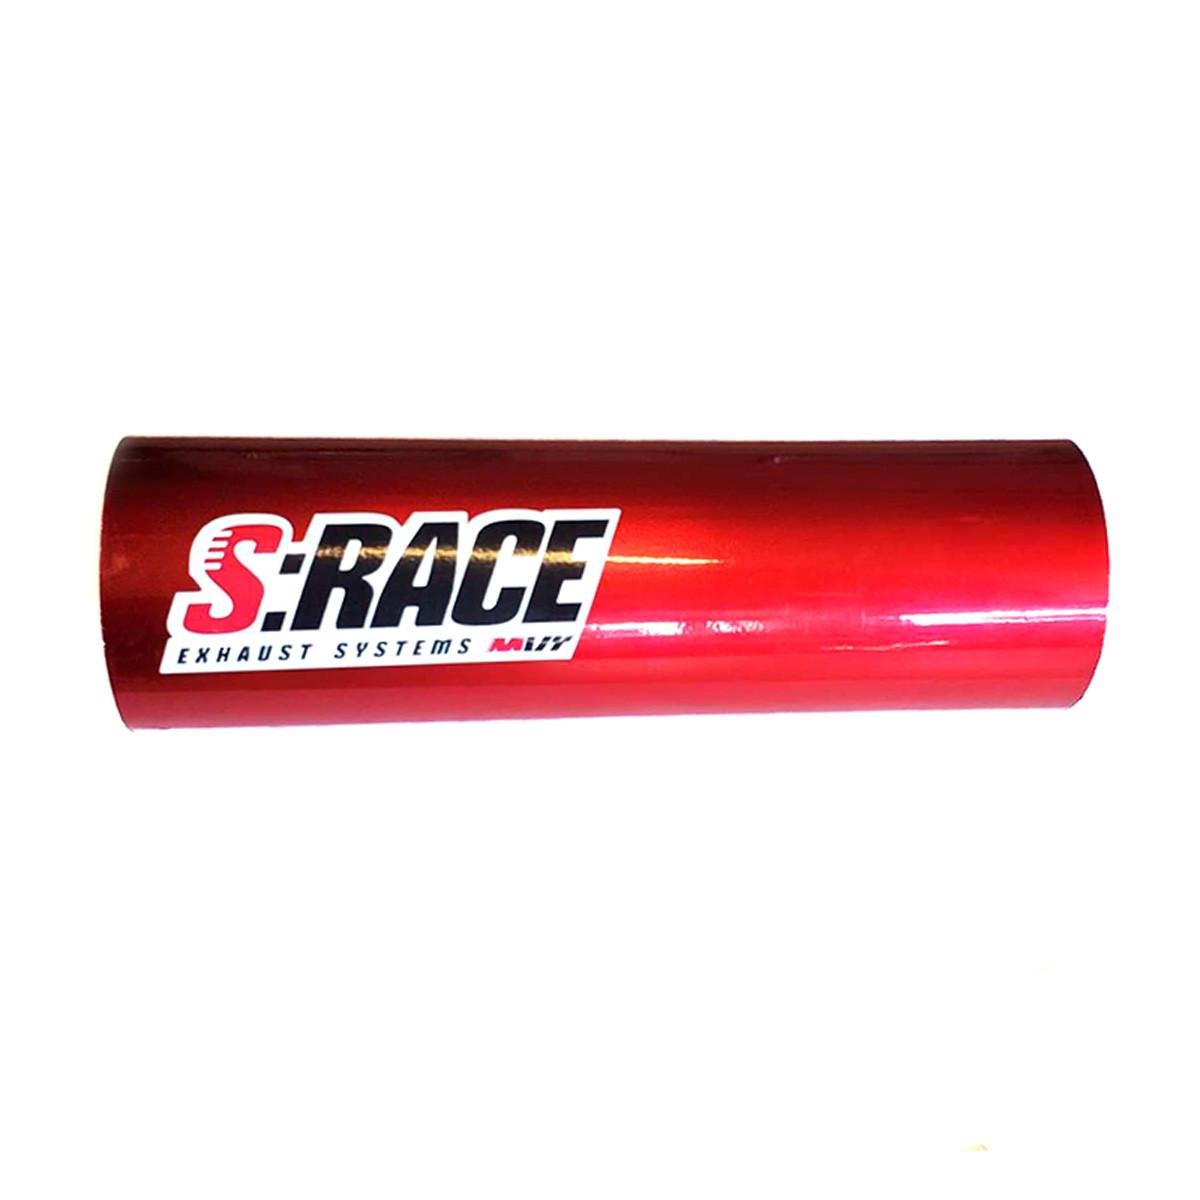 Tube Silencieux Echappement - MVT S-Race EC12 / EC13